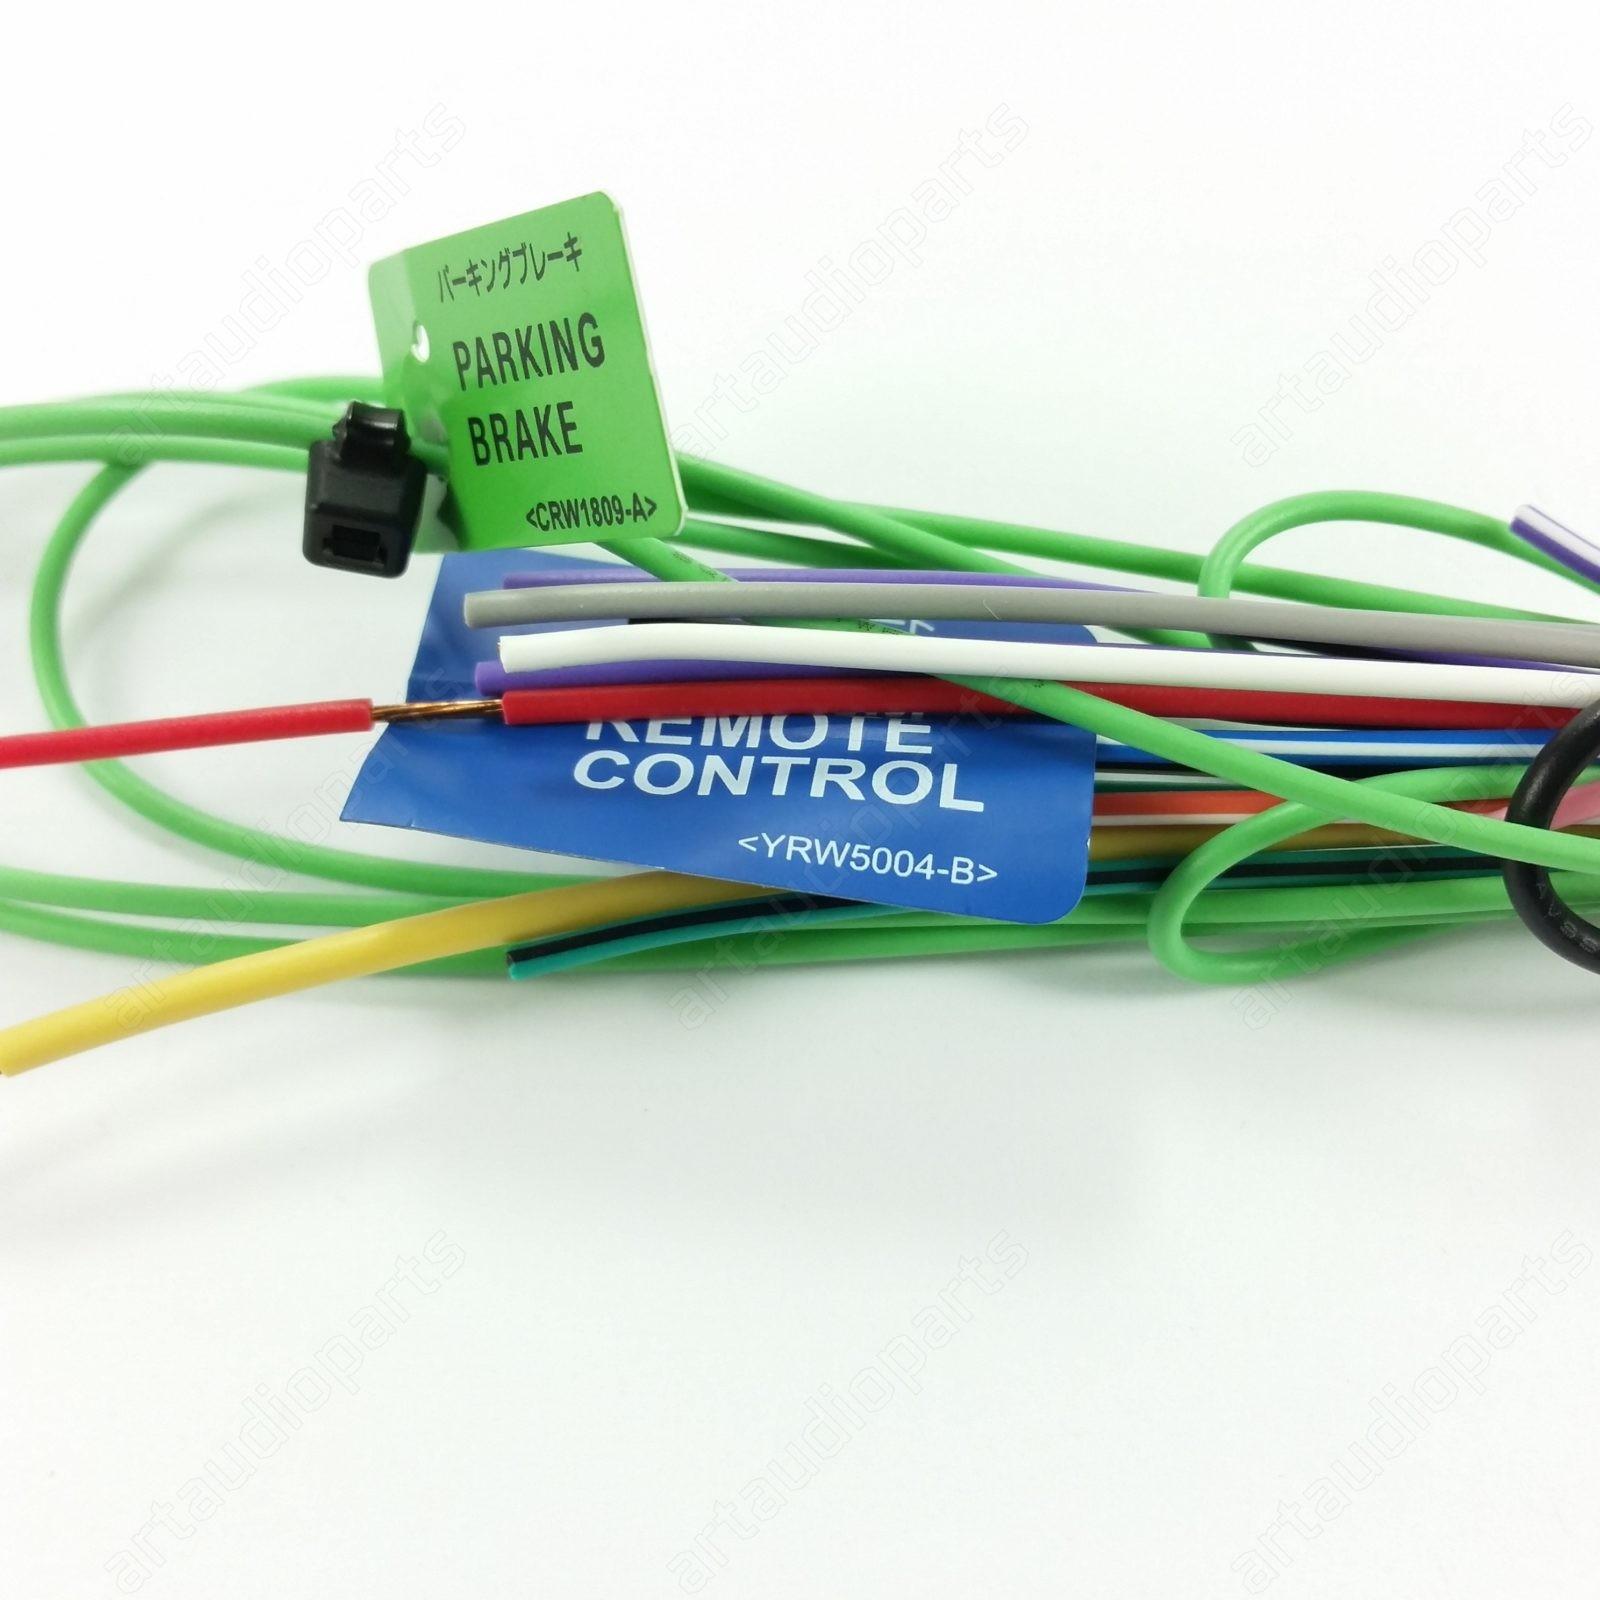 hight resolution of power cord wire harness for pioneer avic 5000nex avic 5100nex avic 5200nex